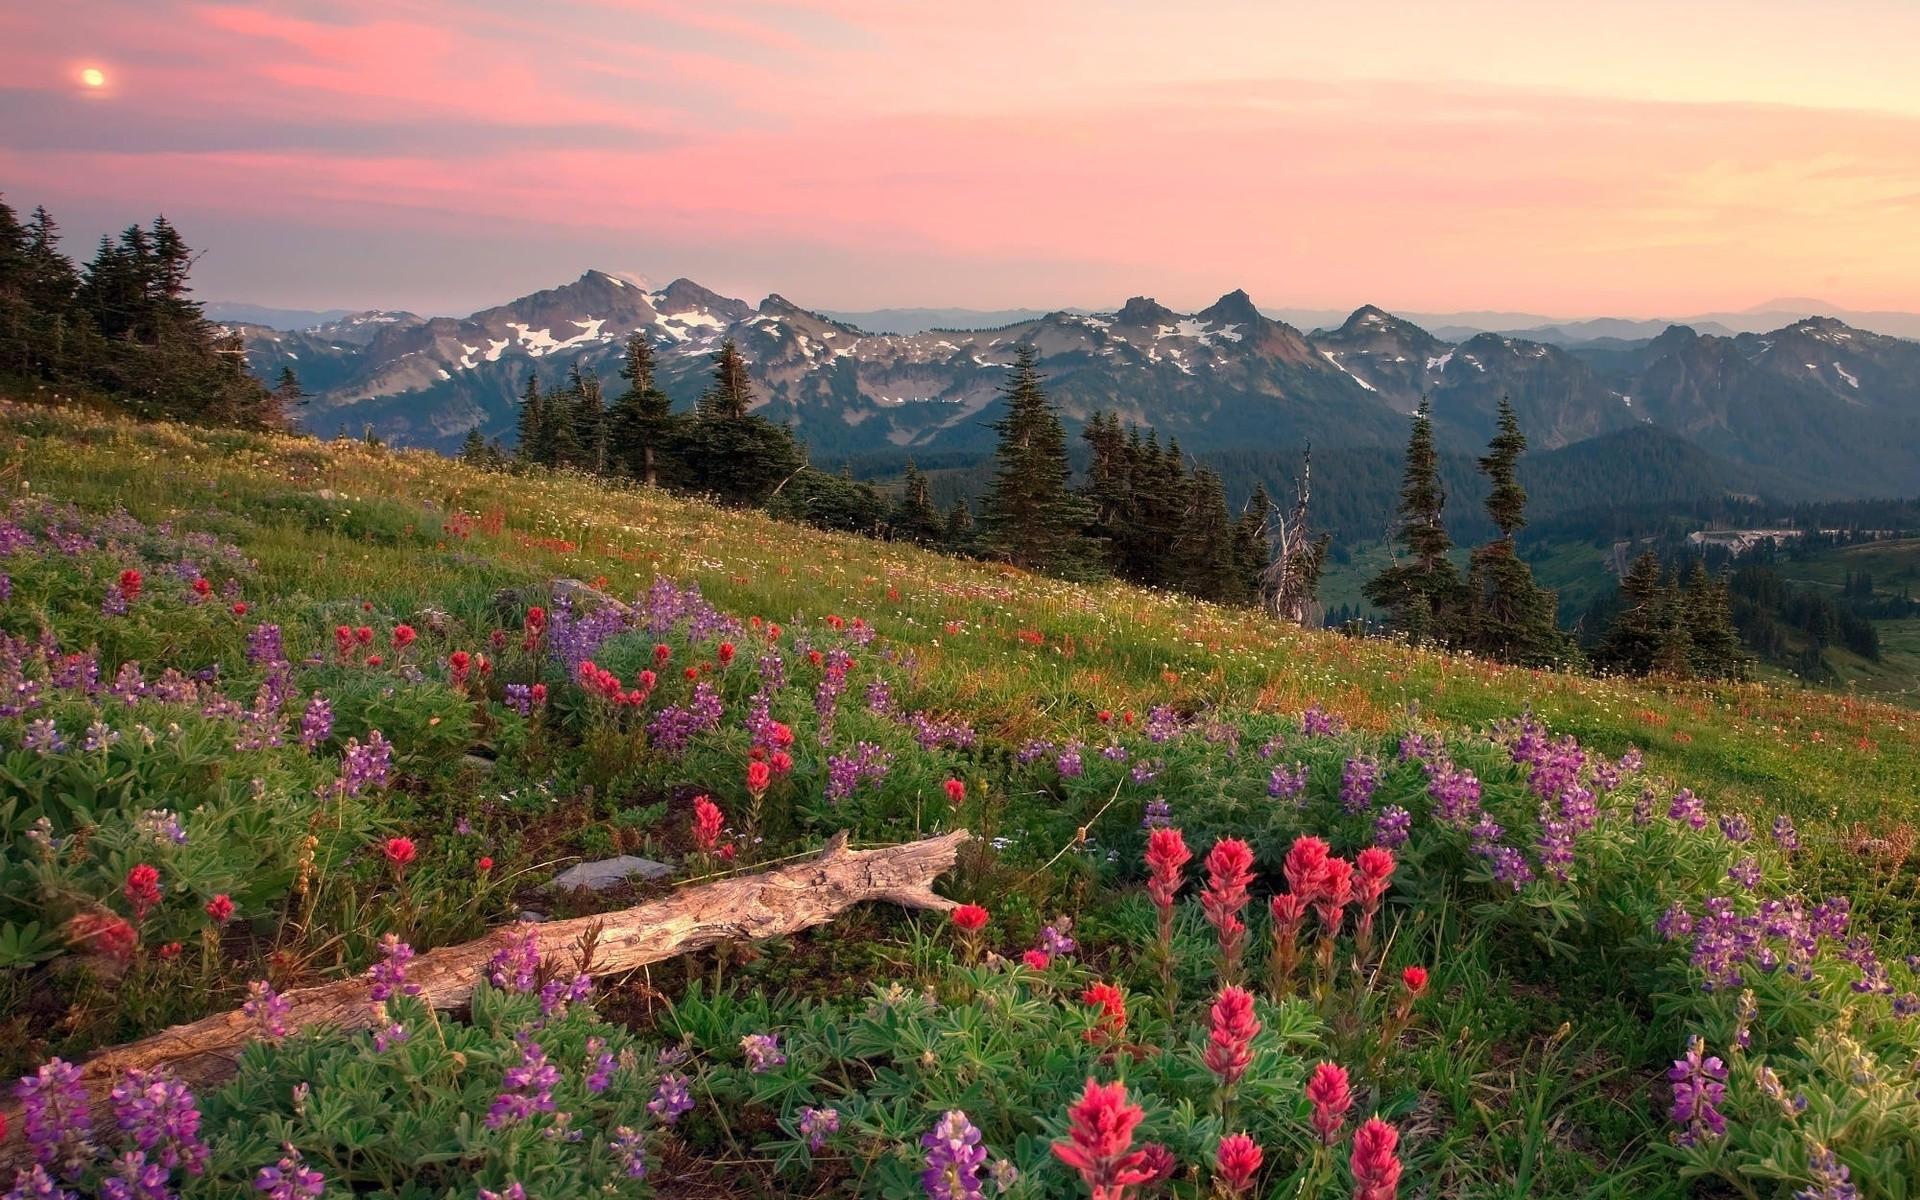 Wallpaper : landscape, mountains, flowers, hill, nature, grass, sky, field, clouds, valley, wilderness, Alps, plateau, ridge, autumn, flower, grassland, ...